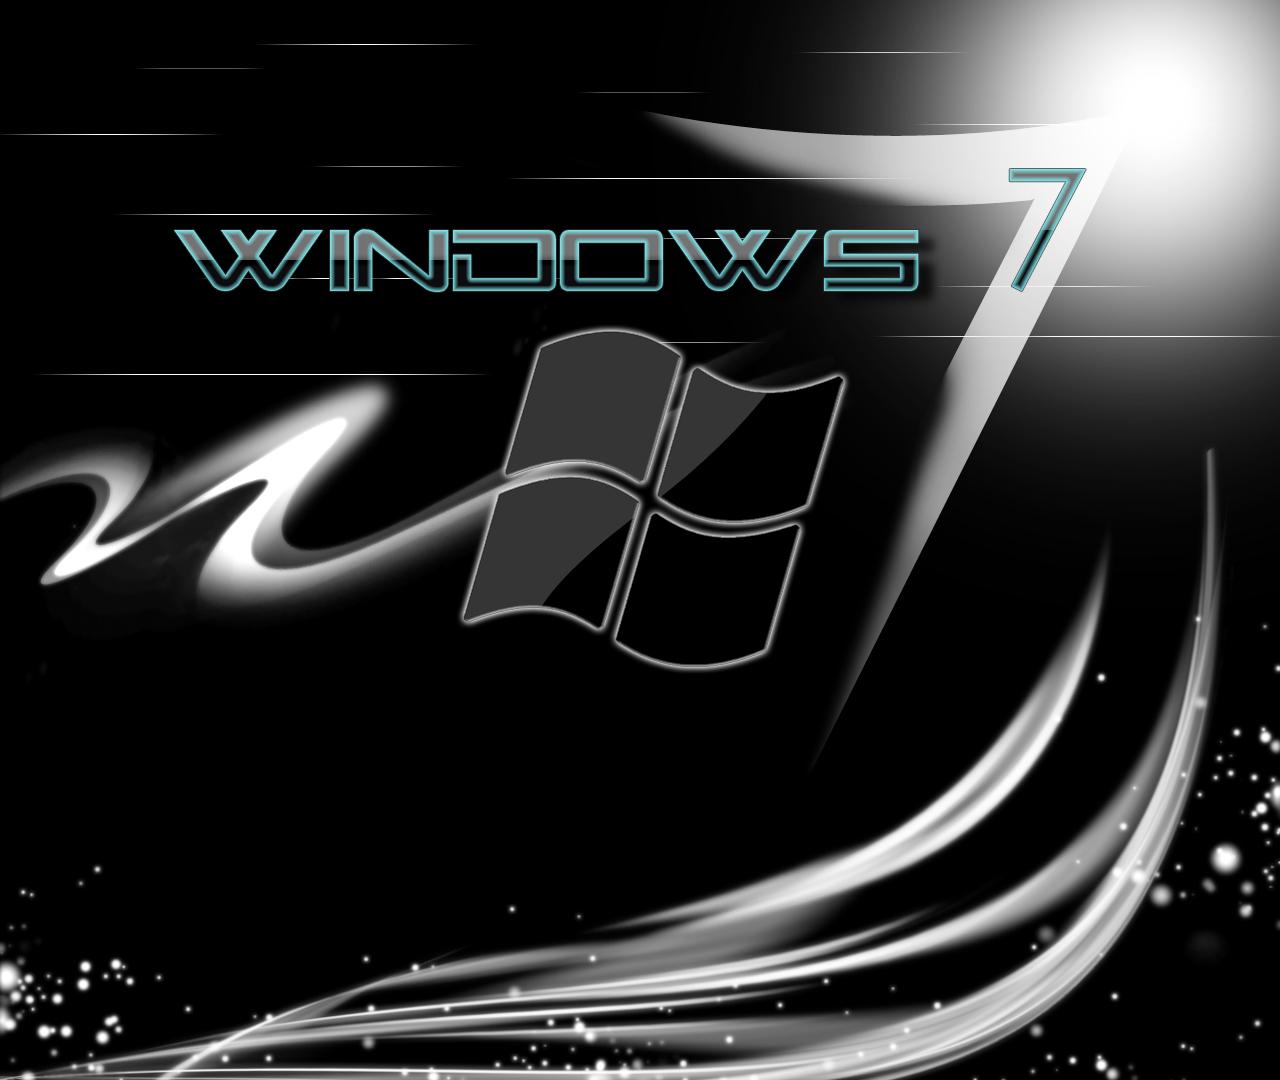 http://4.bp.blogspot.com/-TWqfXhYYTrs/TkelVCn2MlI/AAAAAAAADPQ/QUDQuQLBfoE/s1600/Wallpaper%20windows%207%20black2.jpg